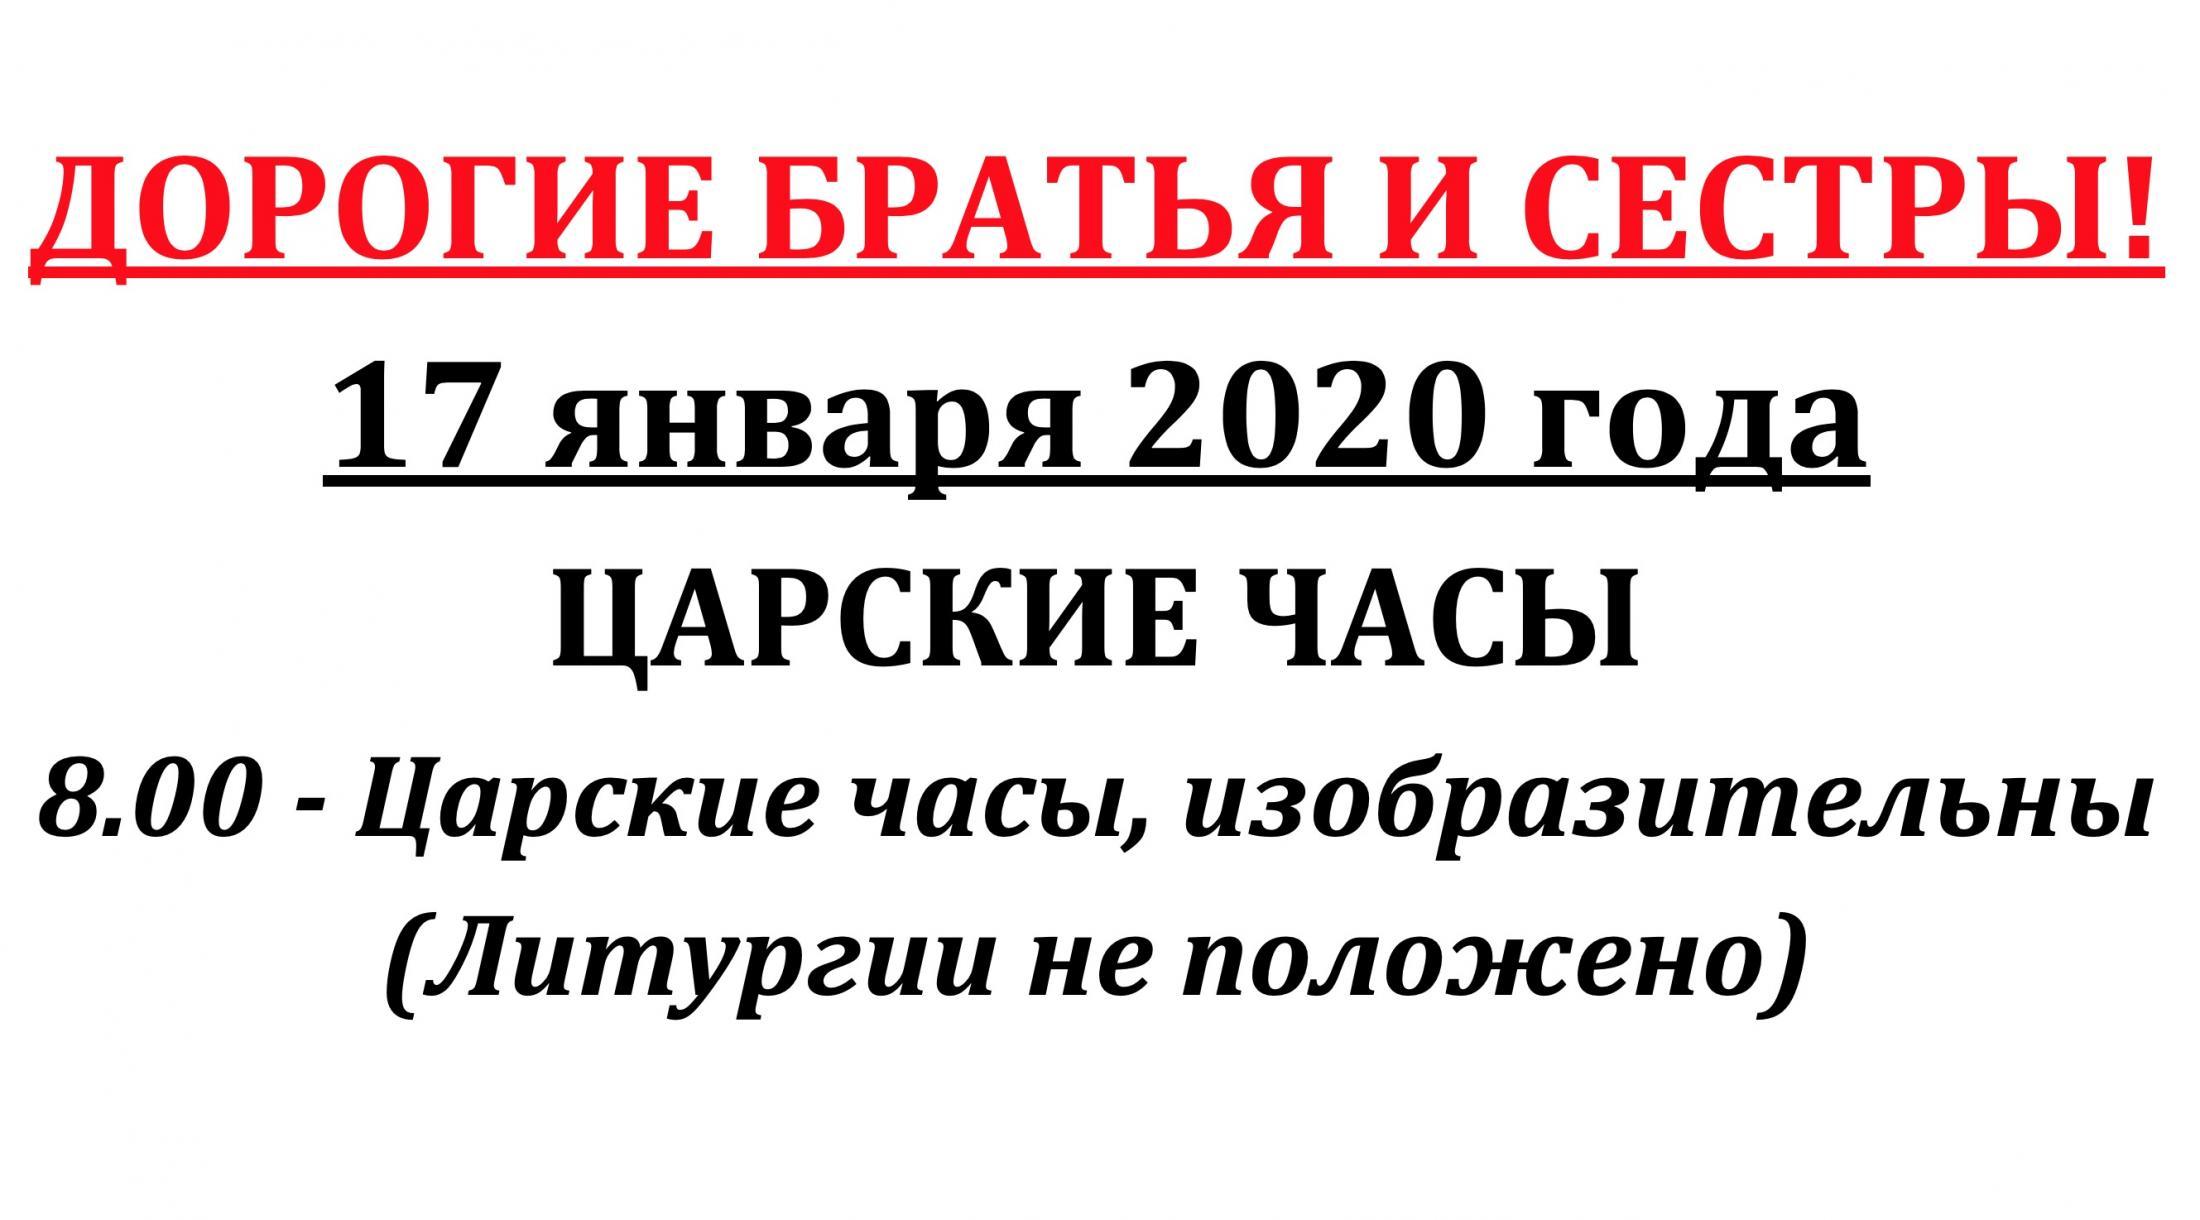 snimok_ekrana_2020-01-15_v_12.04.55.jpg